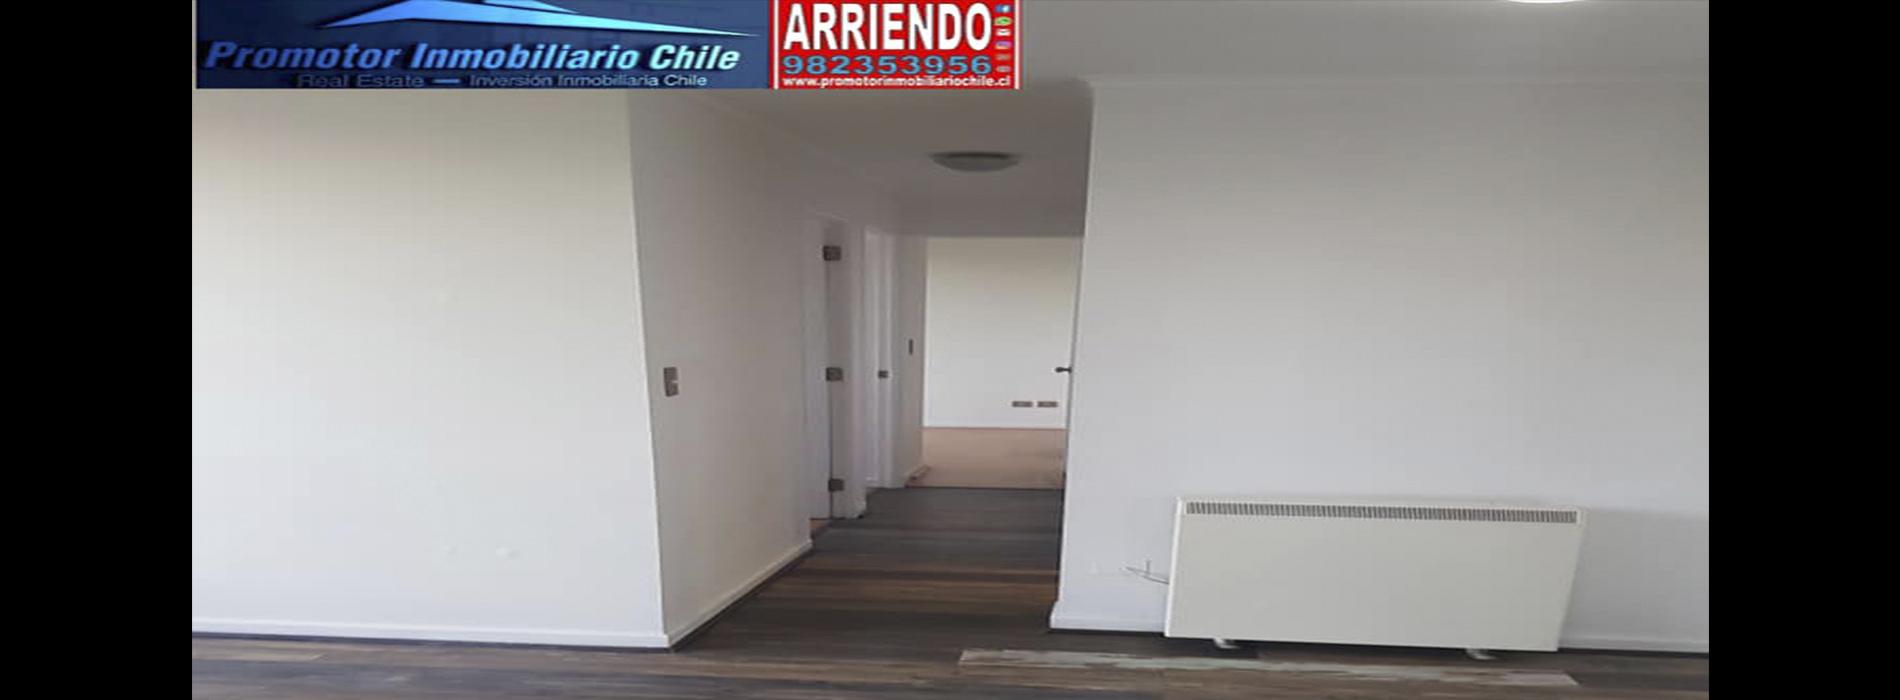 ARRIENDODPTONUEVO8.jpg